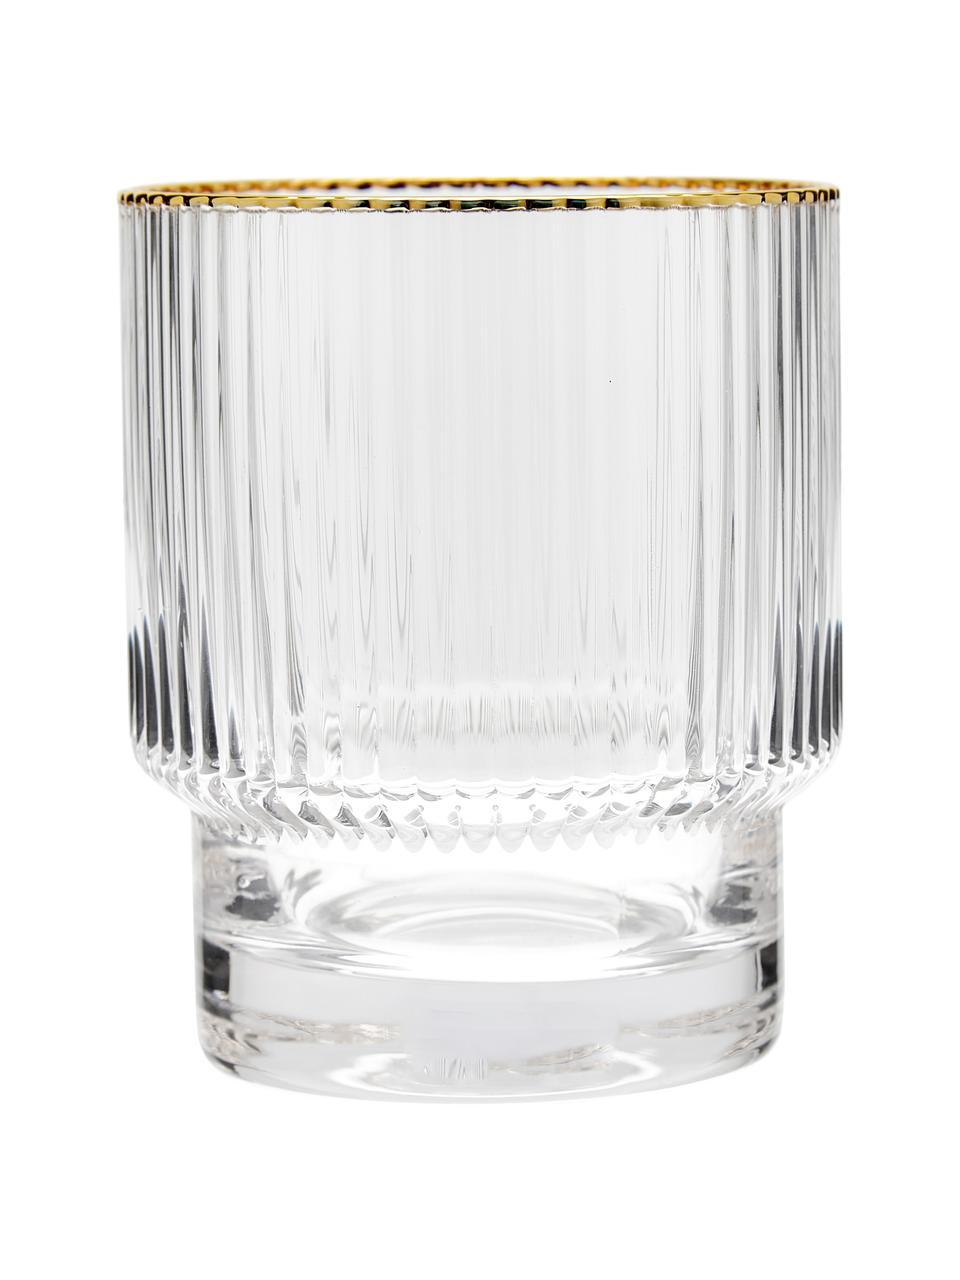 Szklanka do wody Minna, 4 szt., Szklanka, Transparentny, odcienie złotego, Ø 8 x W 10 cm